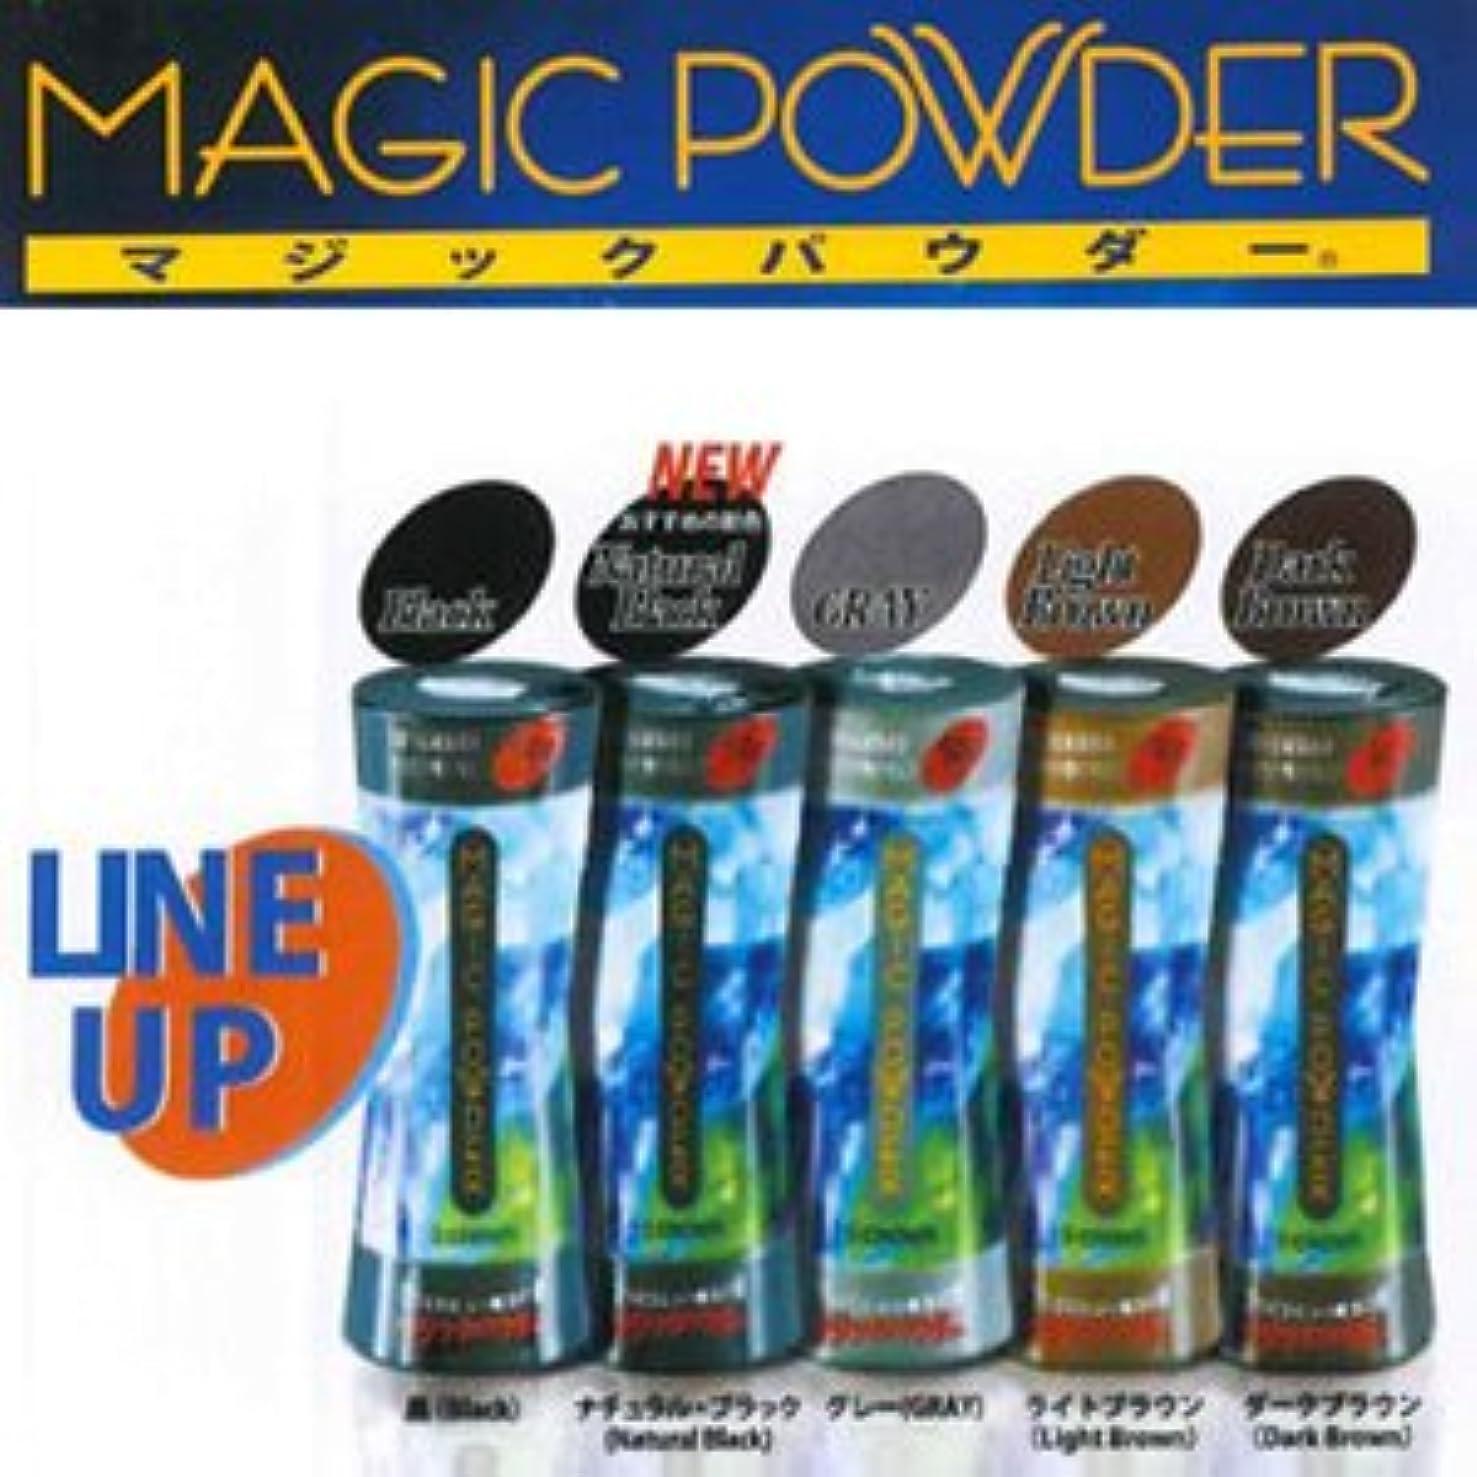 くつろぐまたは悲観主義者MAGIC POWDER マジックパウダー ブラック 50g  ※貴方の髪を簡単ボリュームアップ!